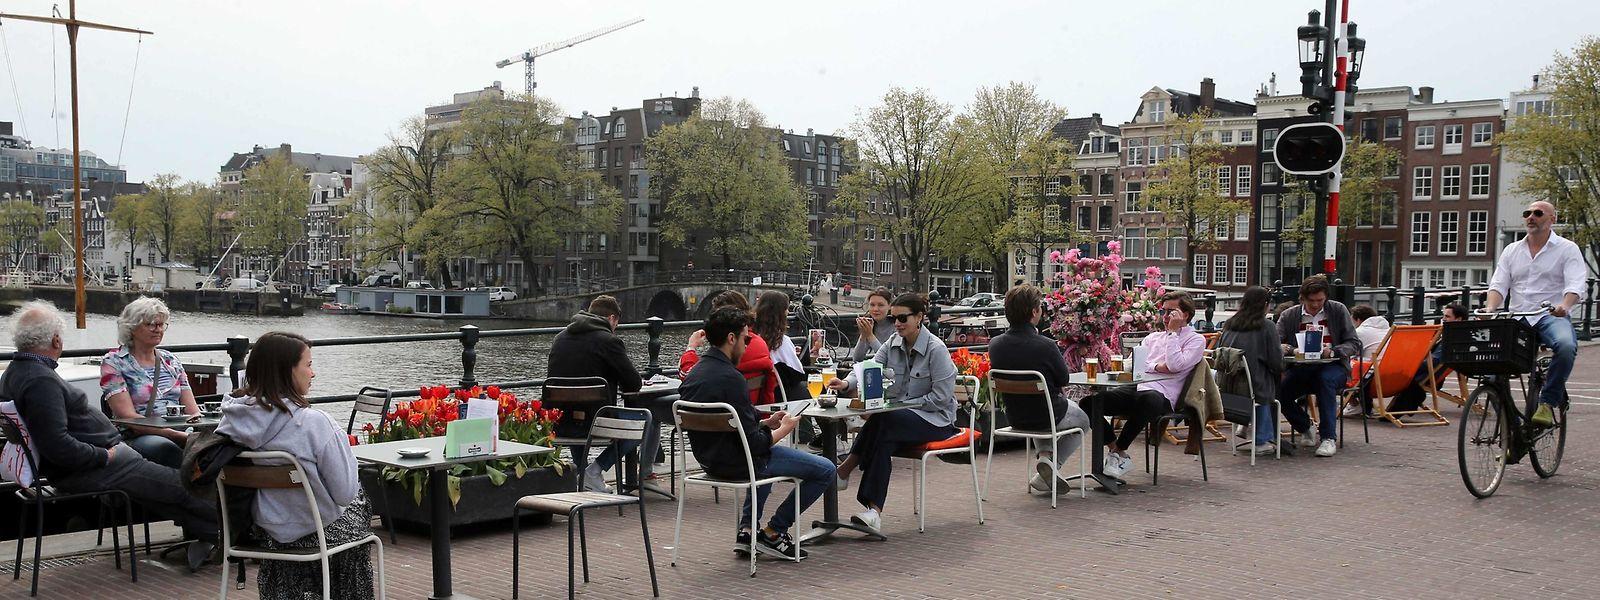 Gastro-Terrassen dürfen in den Niederlanden zwischen 12 Uhr und 18 Uhr wieder geöffnet sein, wenn auch mit Auflagen.